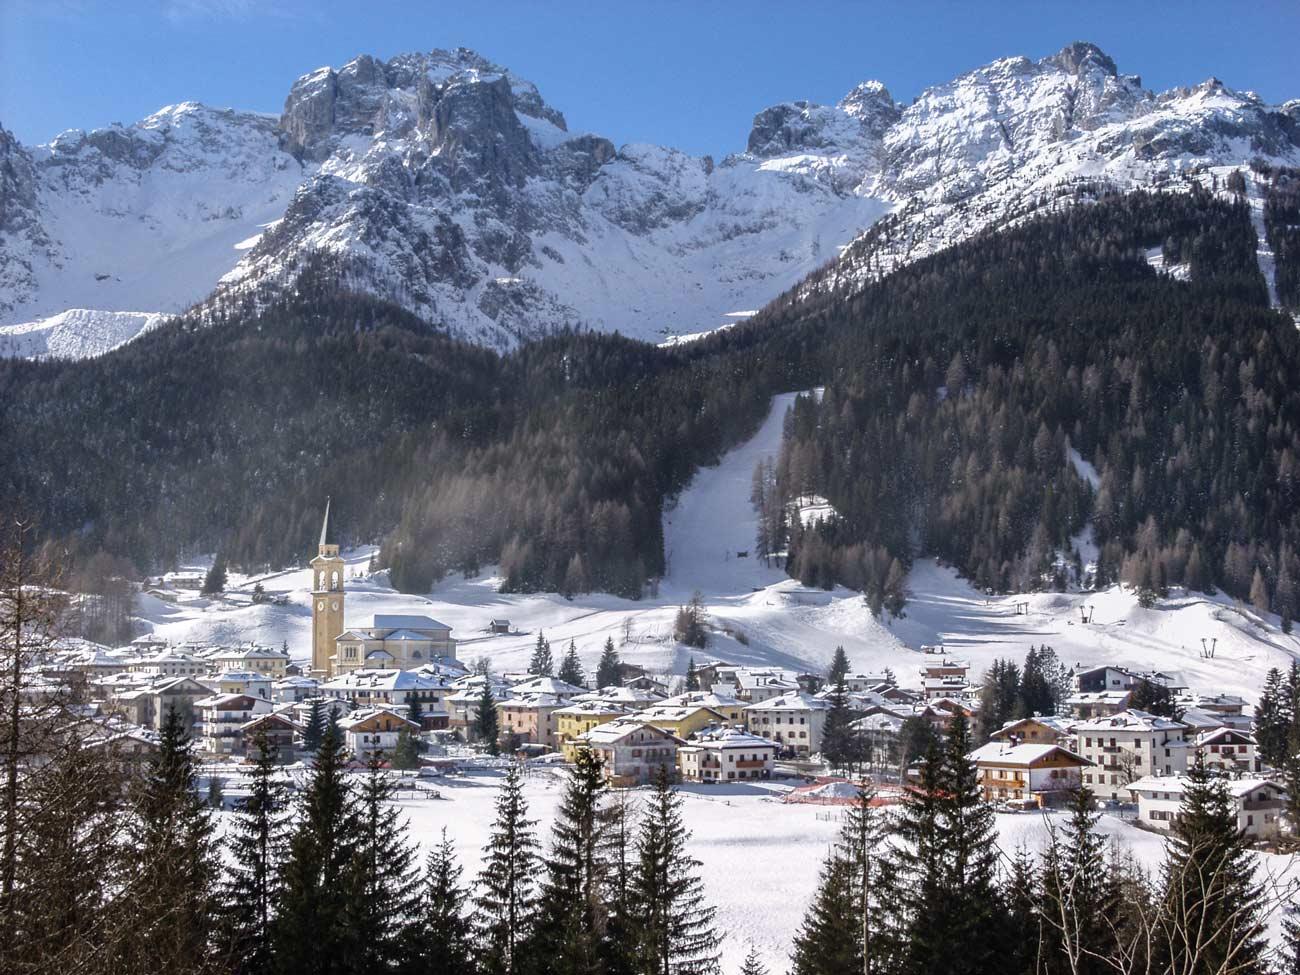 padola, provincia di belluno - Le Lorenzo Occhiali • controlli della vista, produzione propria, occhiali made in italy